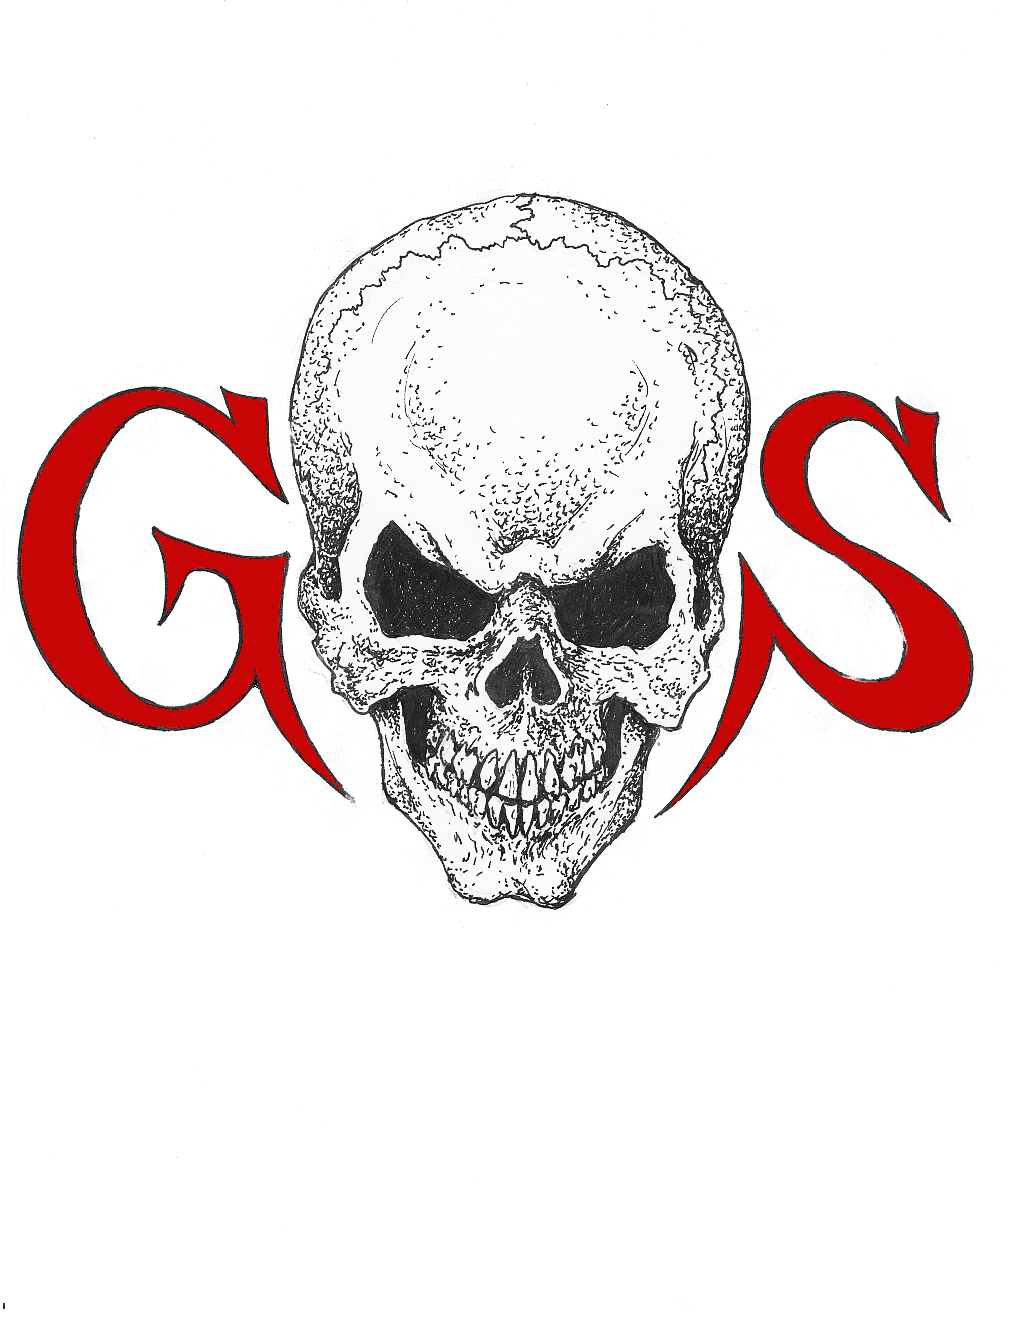 Grinning Skull Press